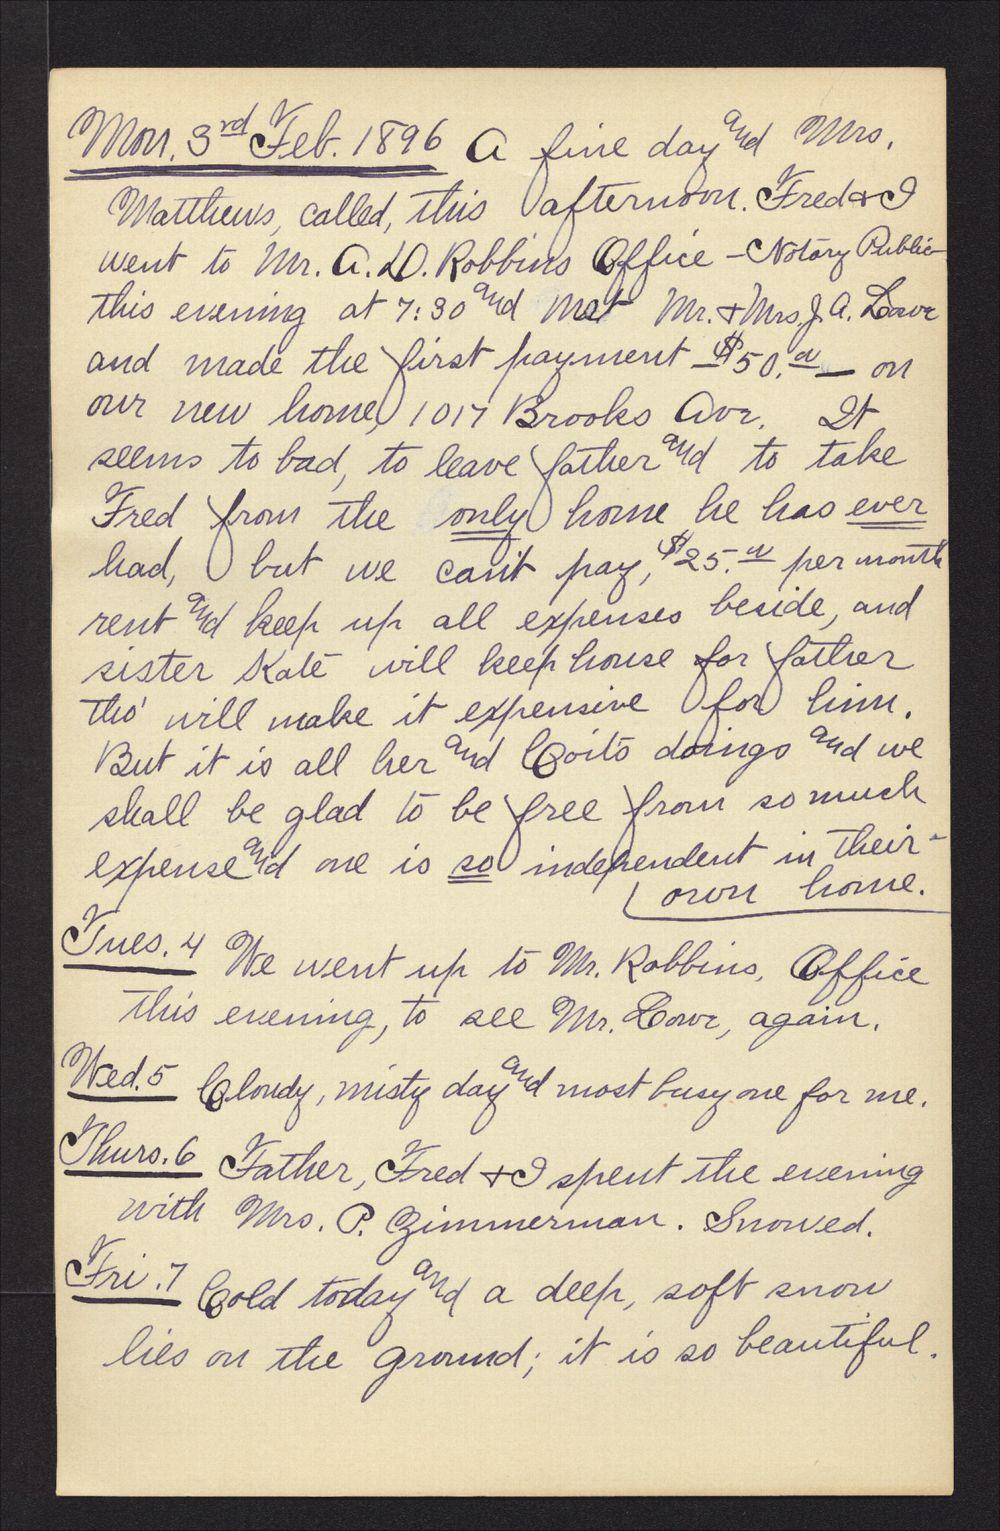 Martha Farnsworth diary - Feb 3, 1896